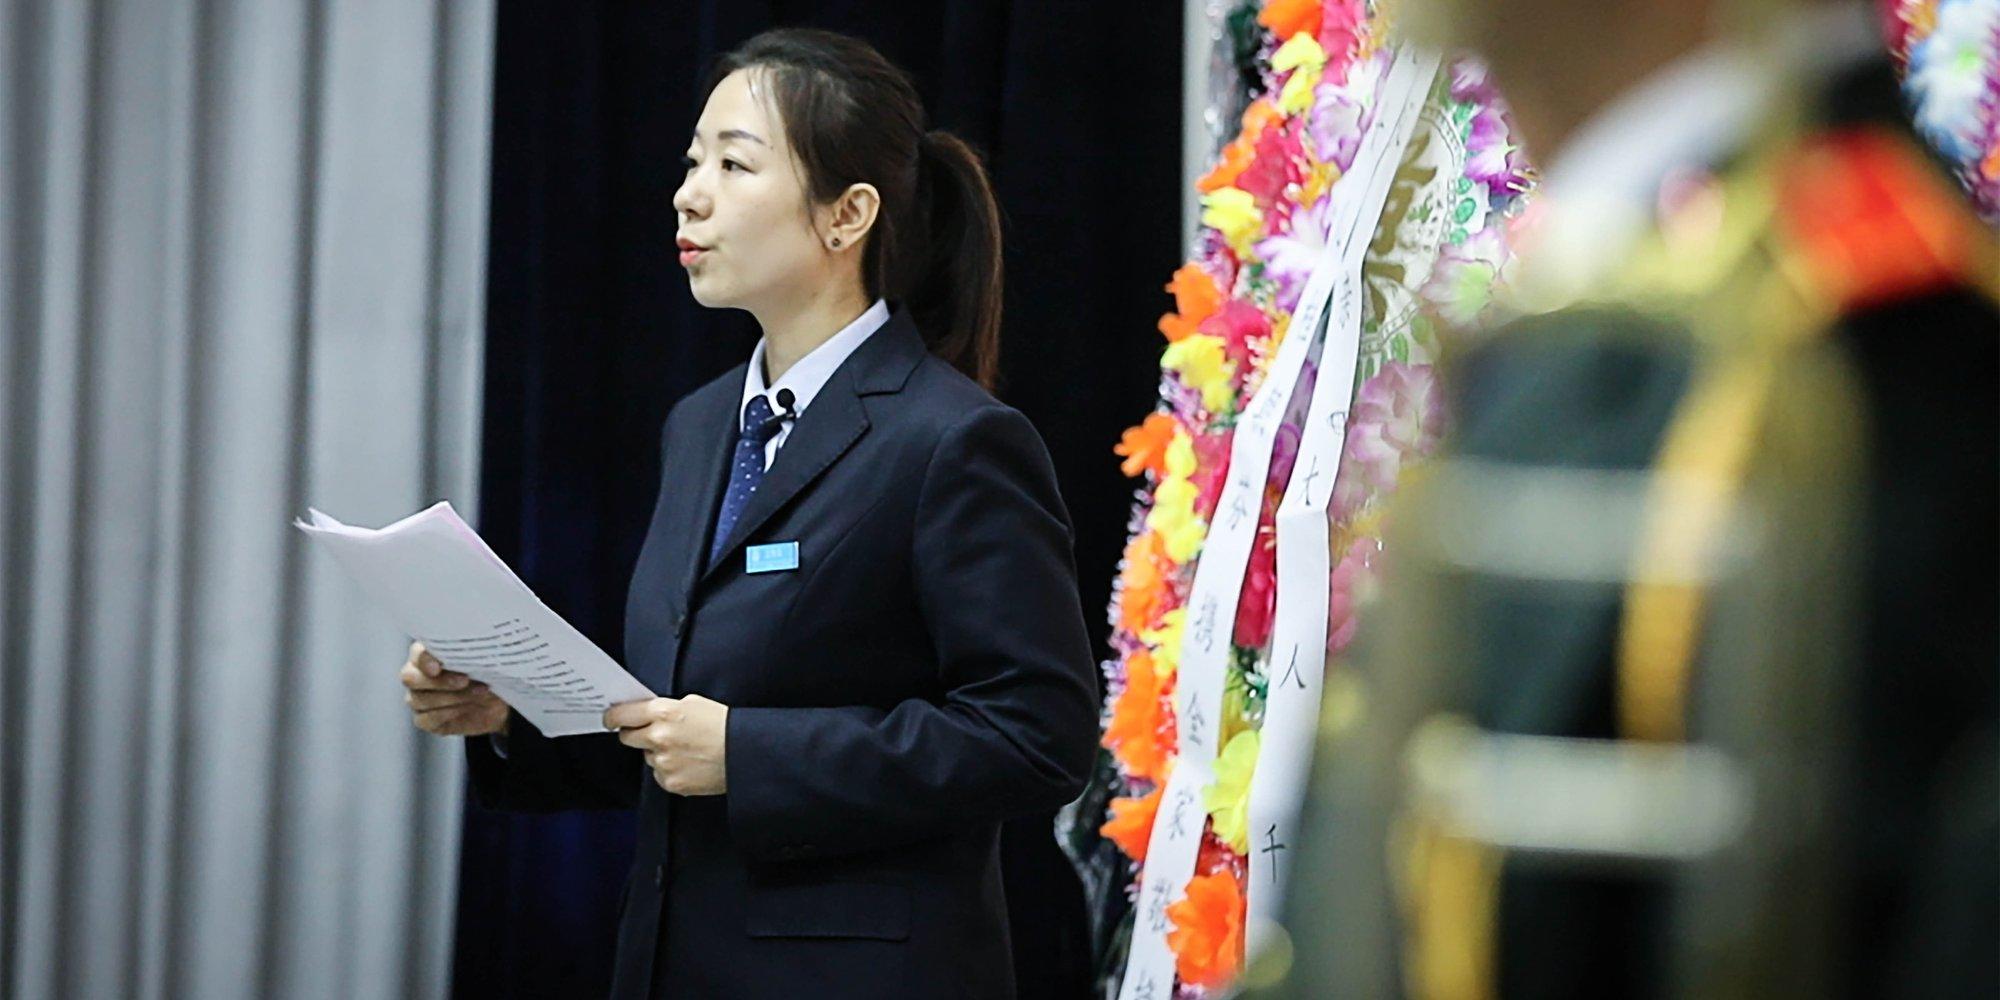 【燕女郎】揭秘北京殡葬女司仪:一天曾主持9场葬礼